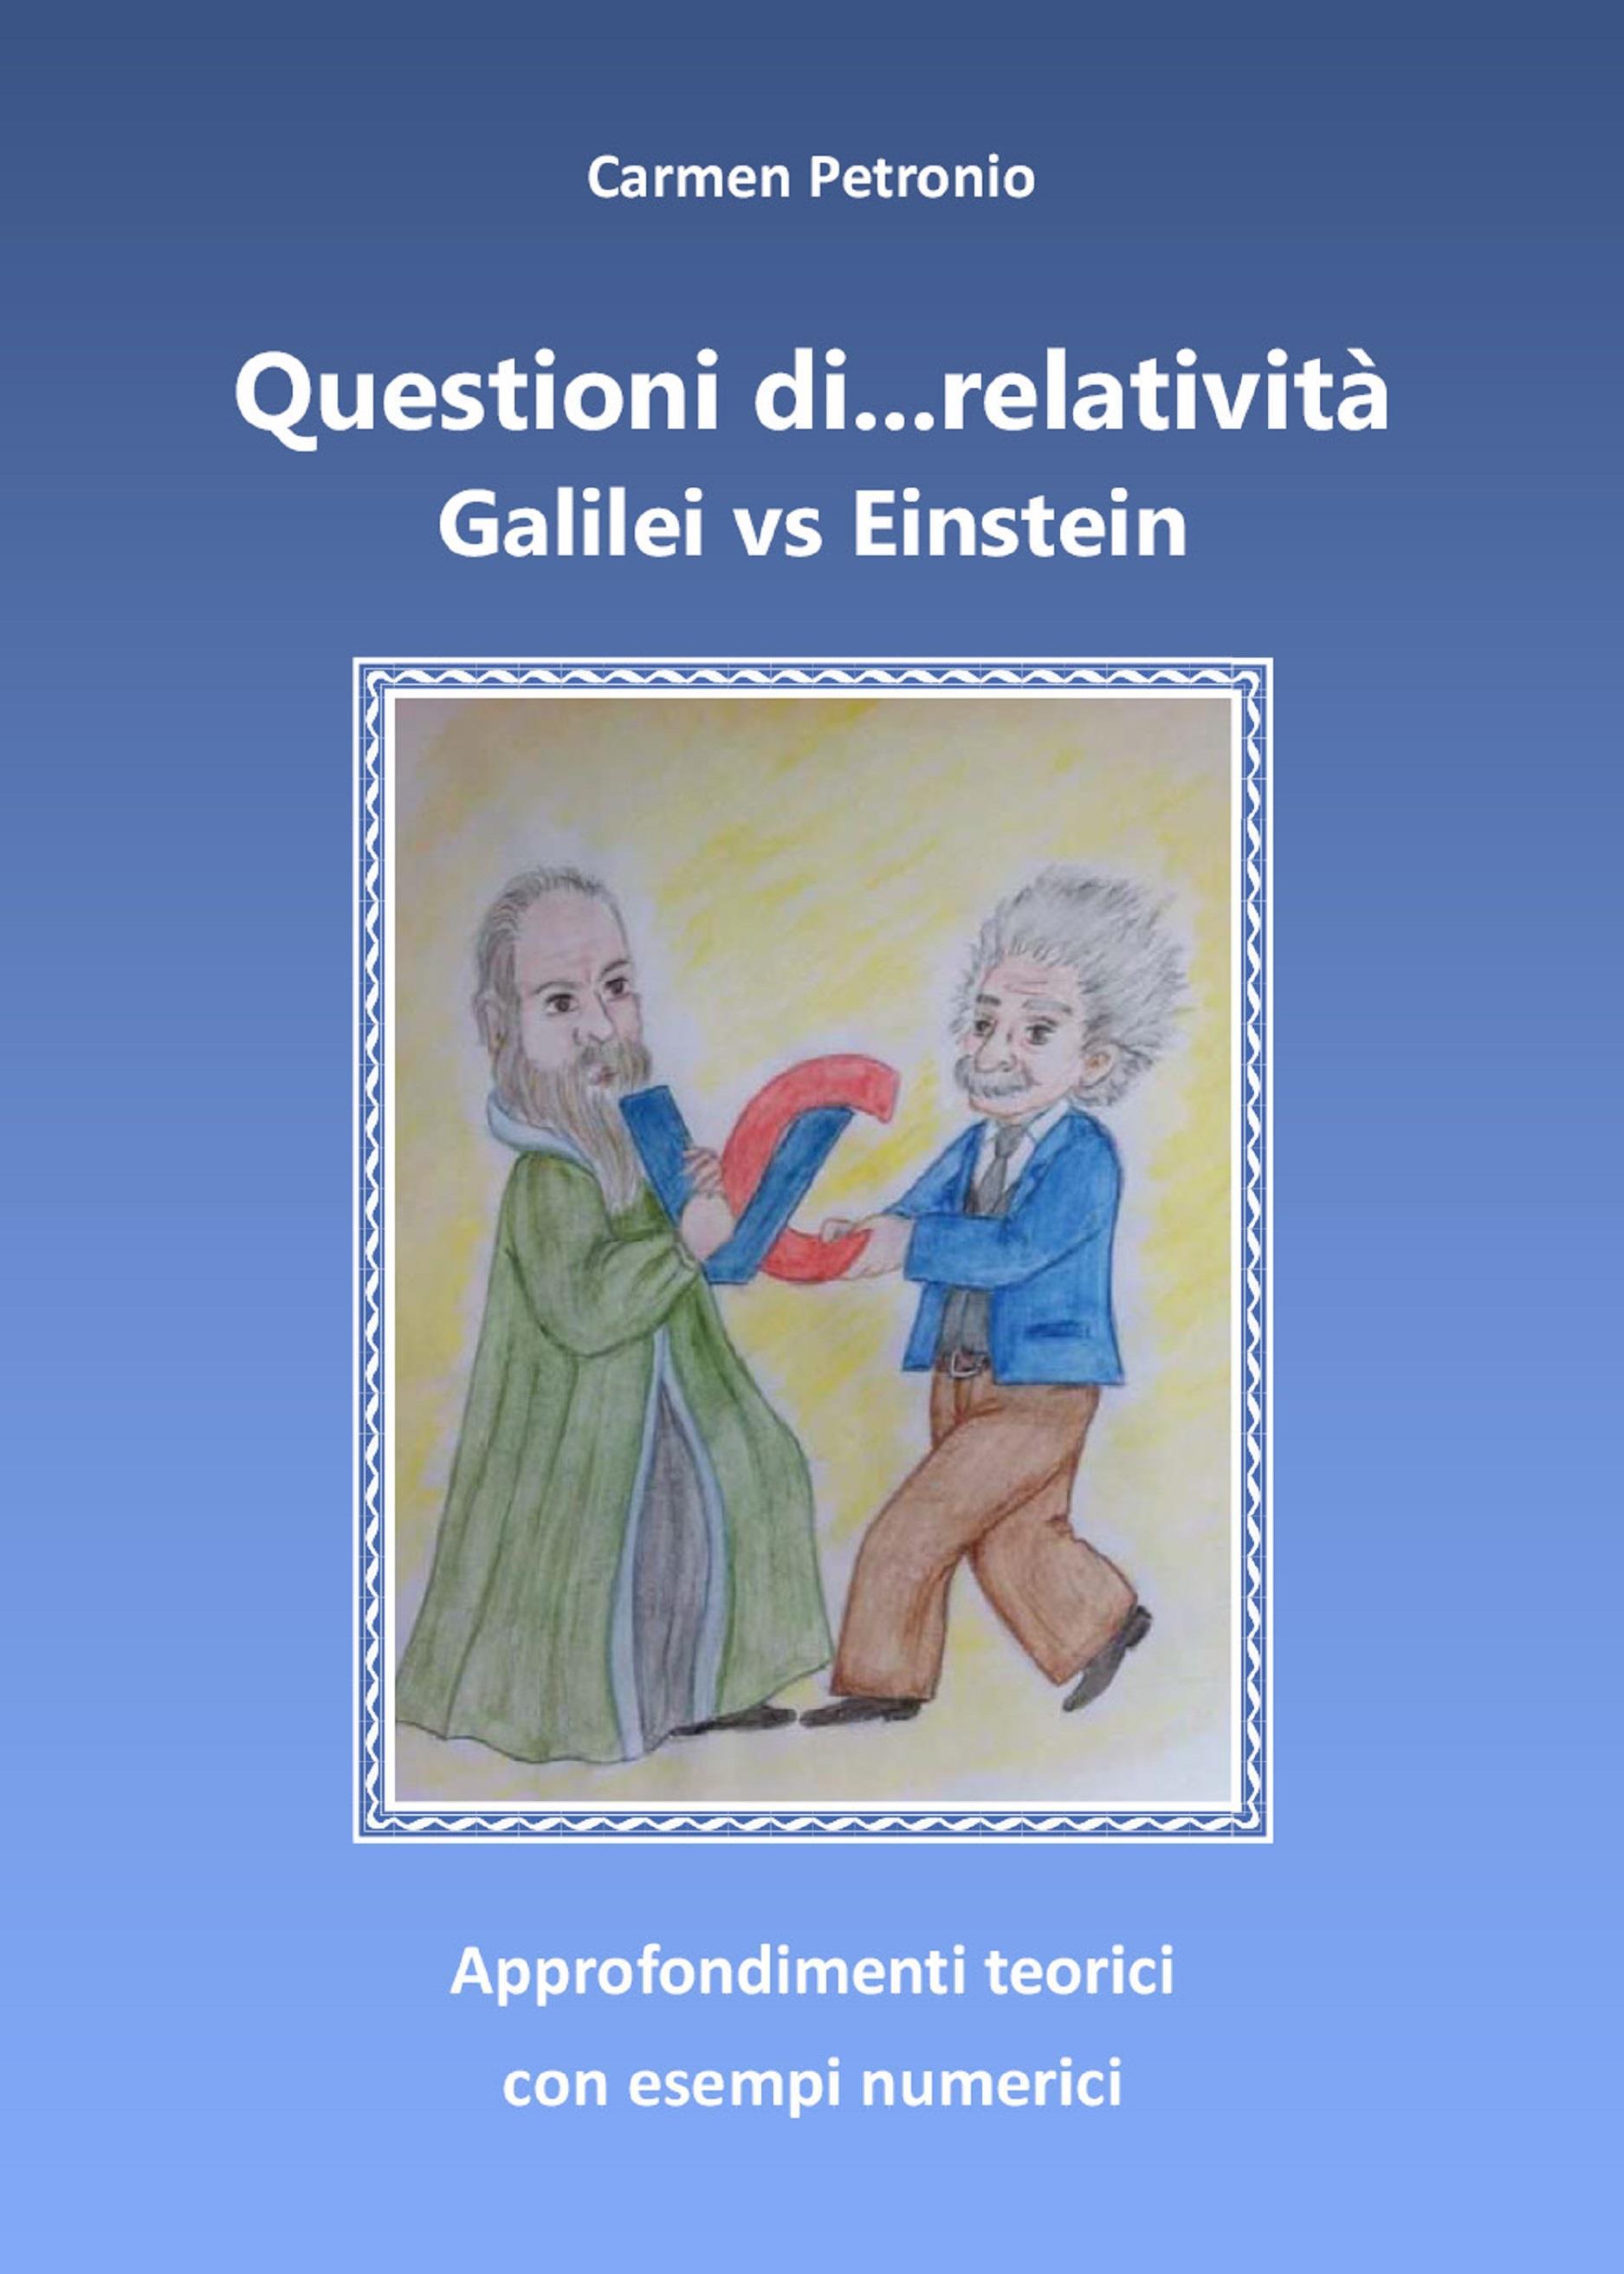 Questioni di... relatività